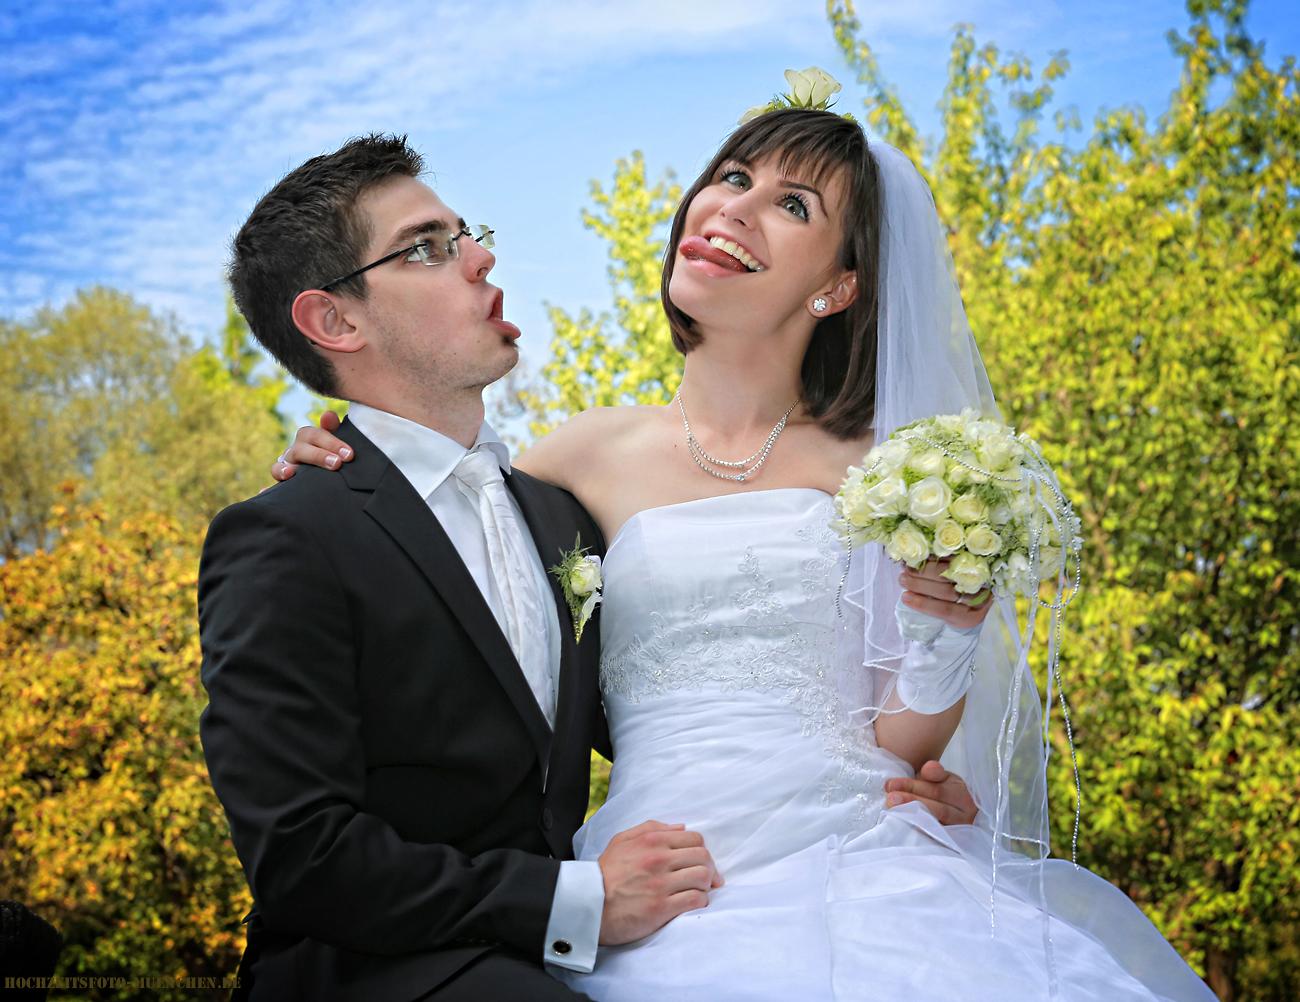 Verliebtes Hochzeitspaar Foto Bild Hochzeit Wedding Munchen